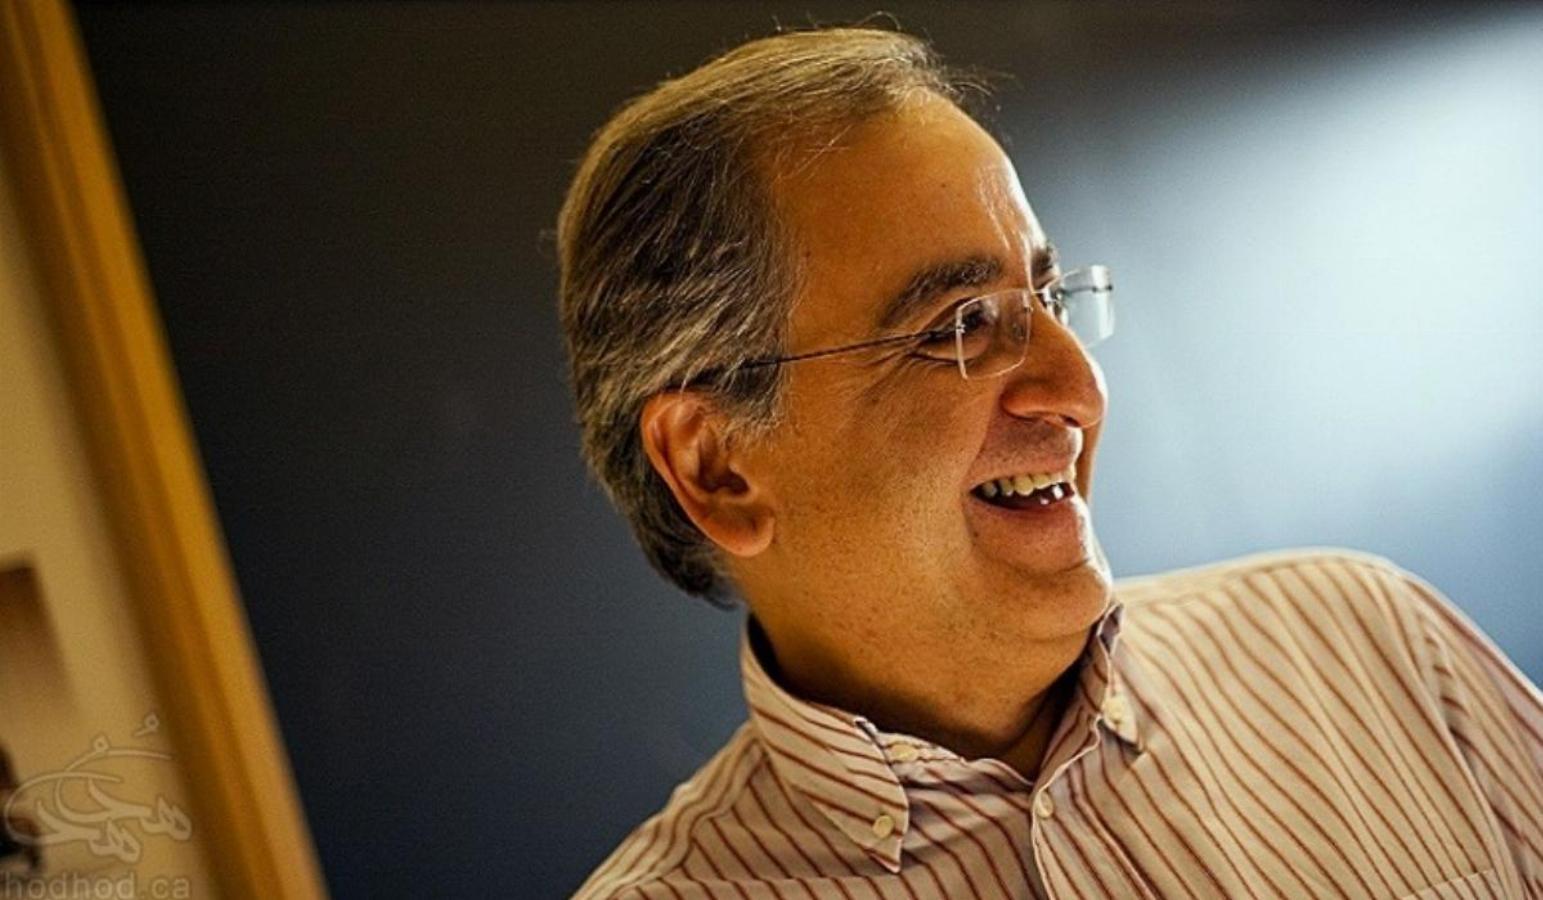 خبر فوری: کامران وفا، فیزیکدان ایرانی و استاد دانشگاه هاروارد، ساعاتی پیش برنده جایزه فیزیک بنیادی در سال ۲۰۱۷ شد